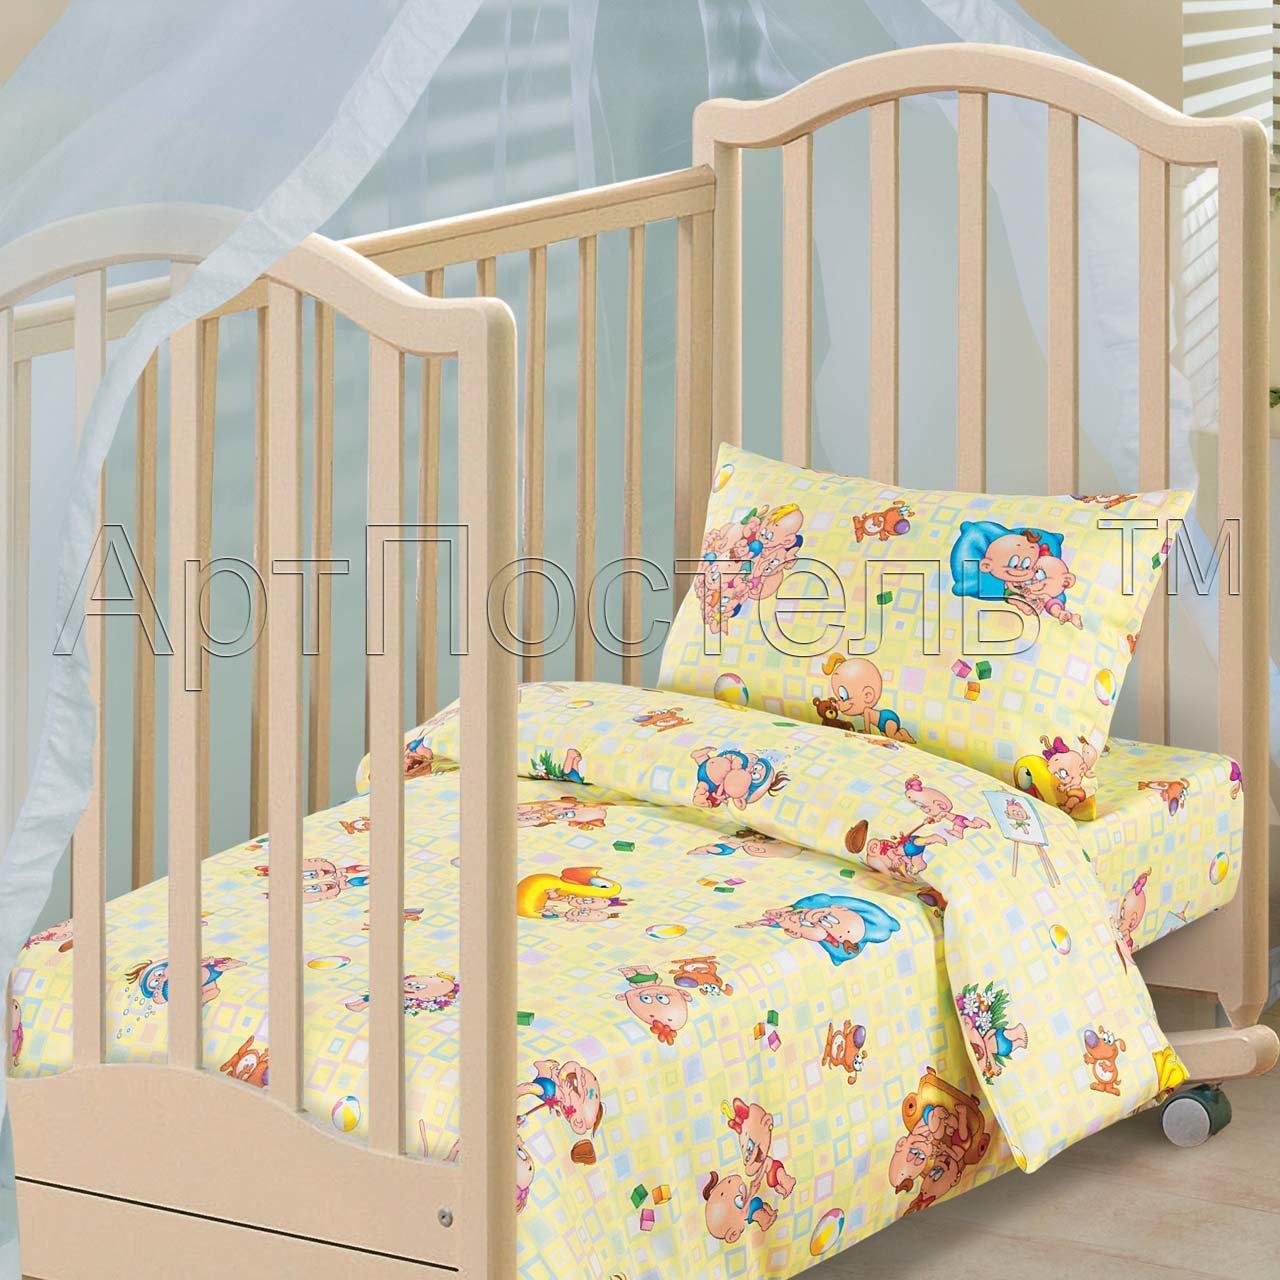 Постельное белье в кроватку, бязь Артпостель лапушки 40х60 Ясельное (В кроватку для новорожденных)